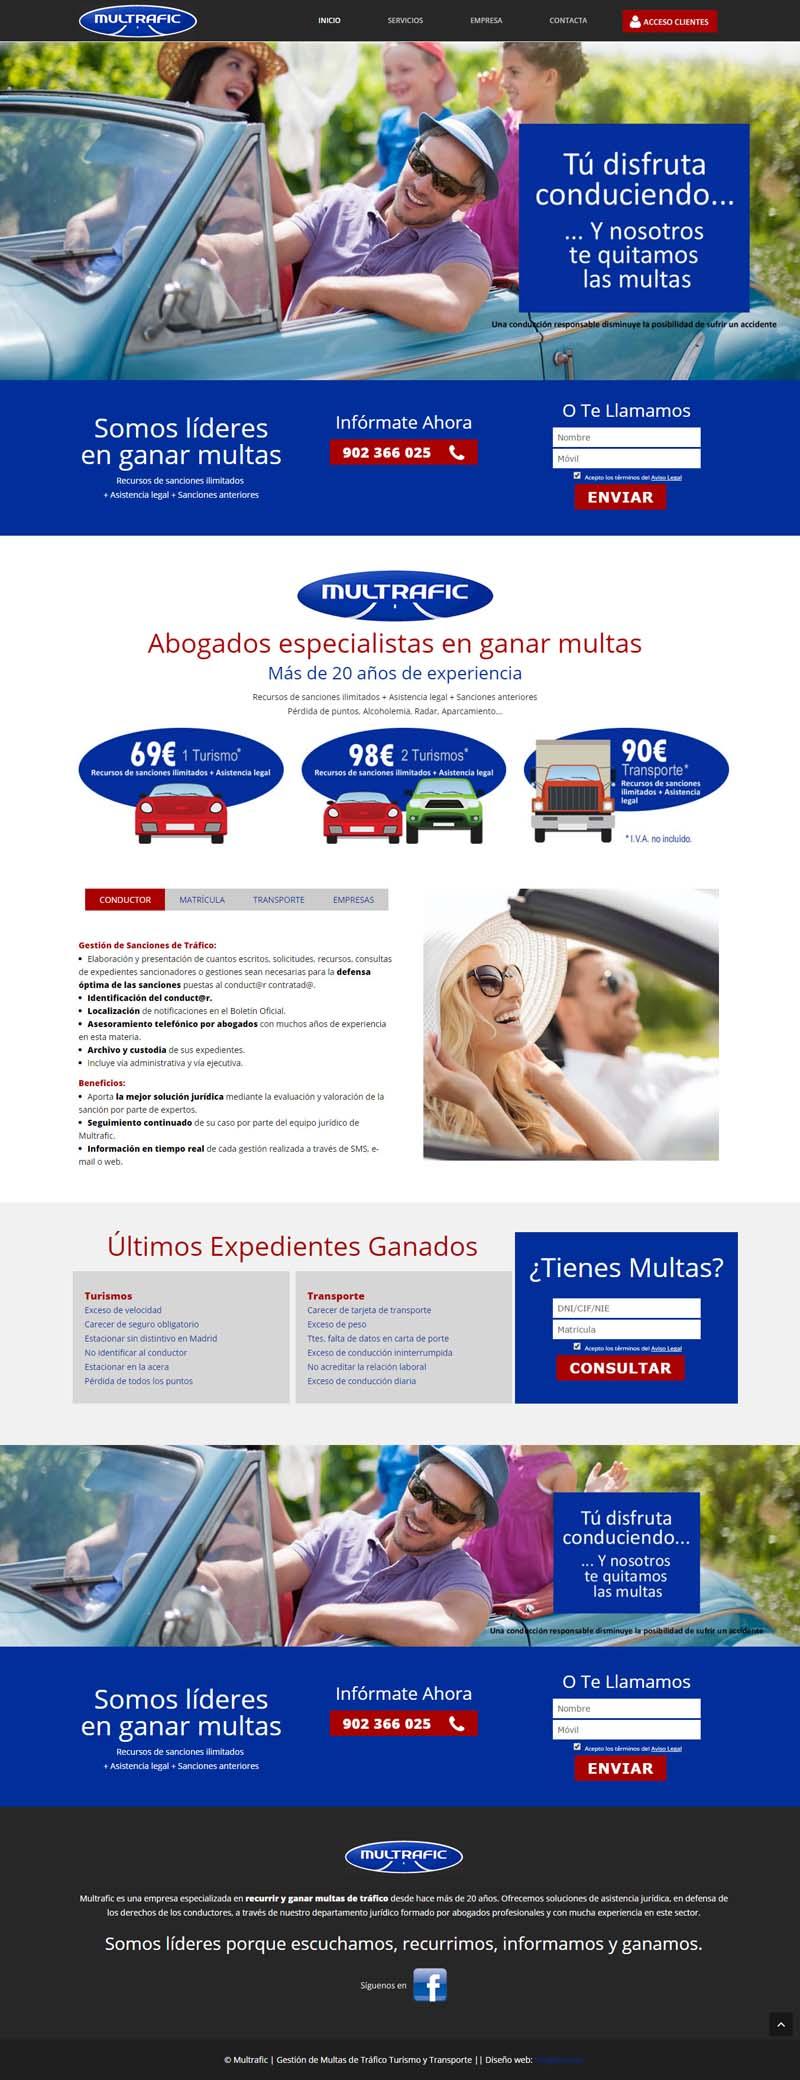 Diseño web y landing page original.